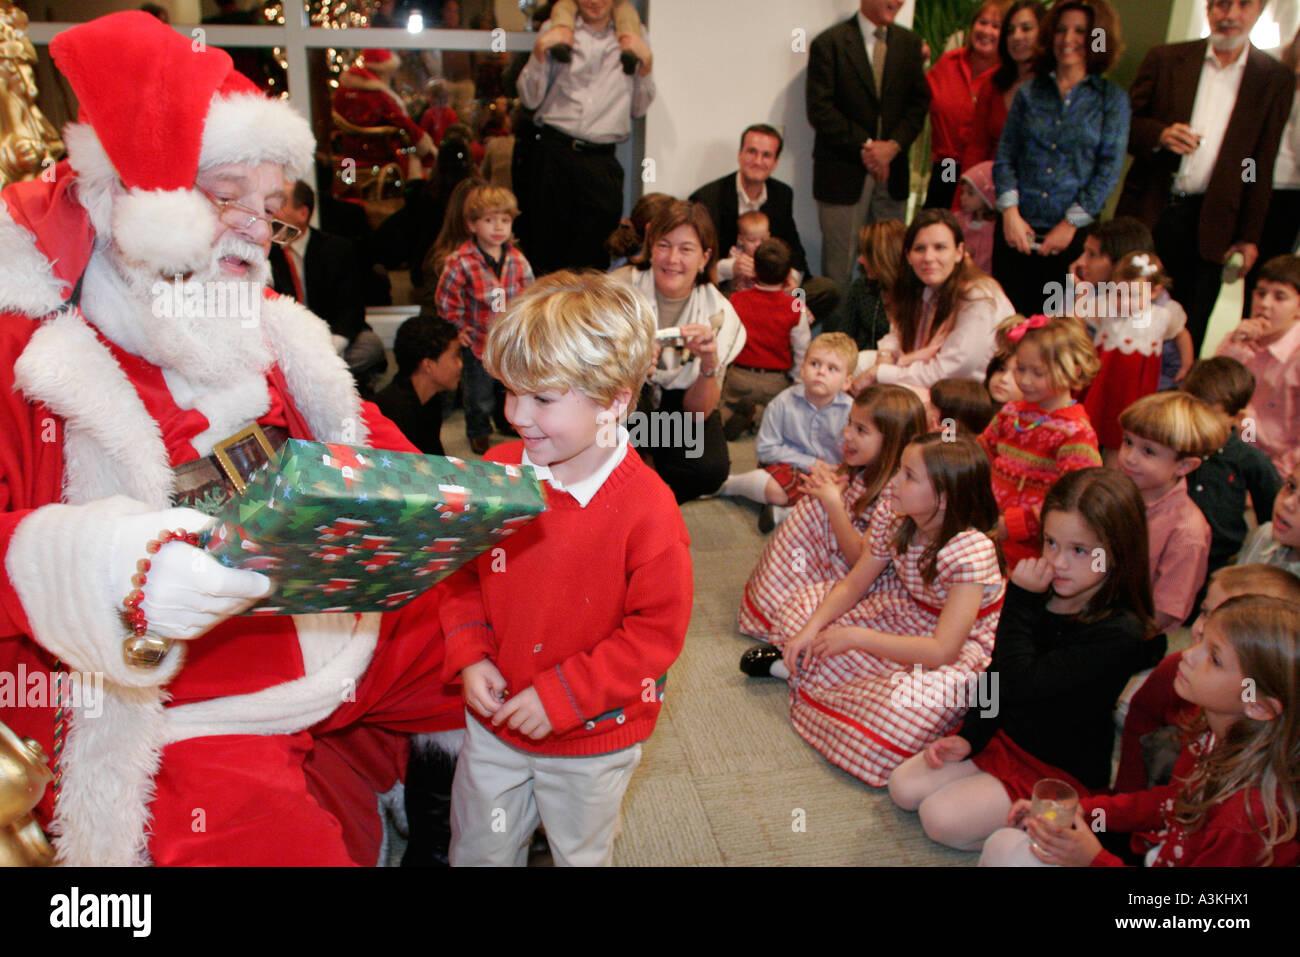 Miami Florida Office Christmas Party Stock Photos & Miami Florida ...